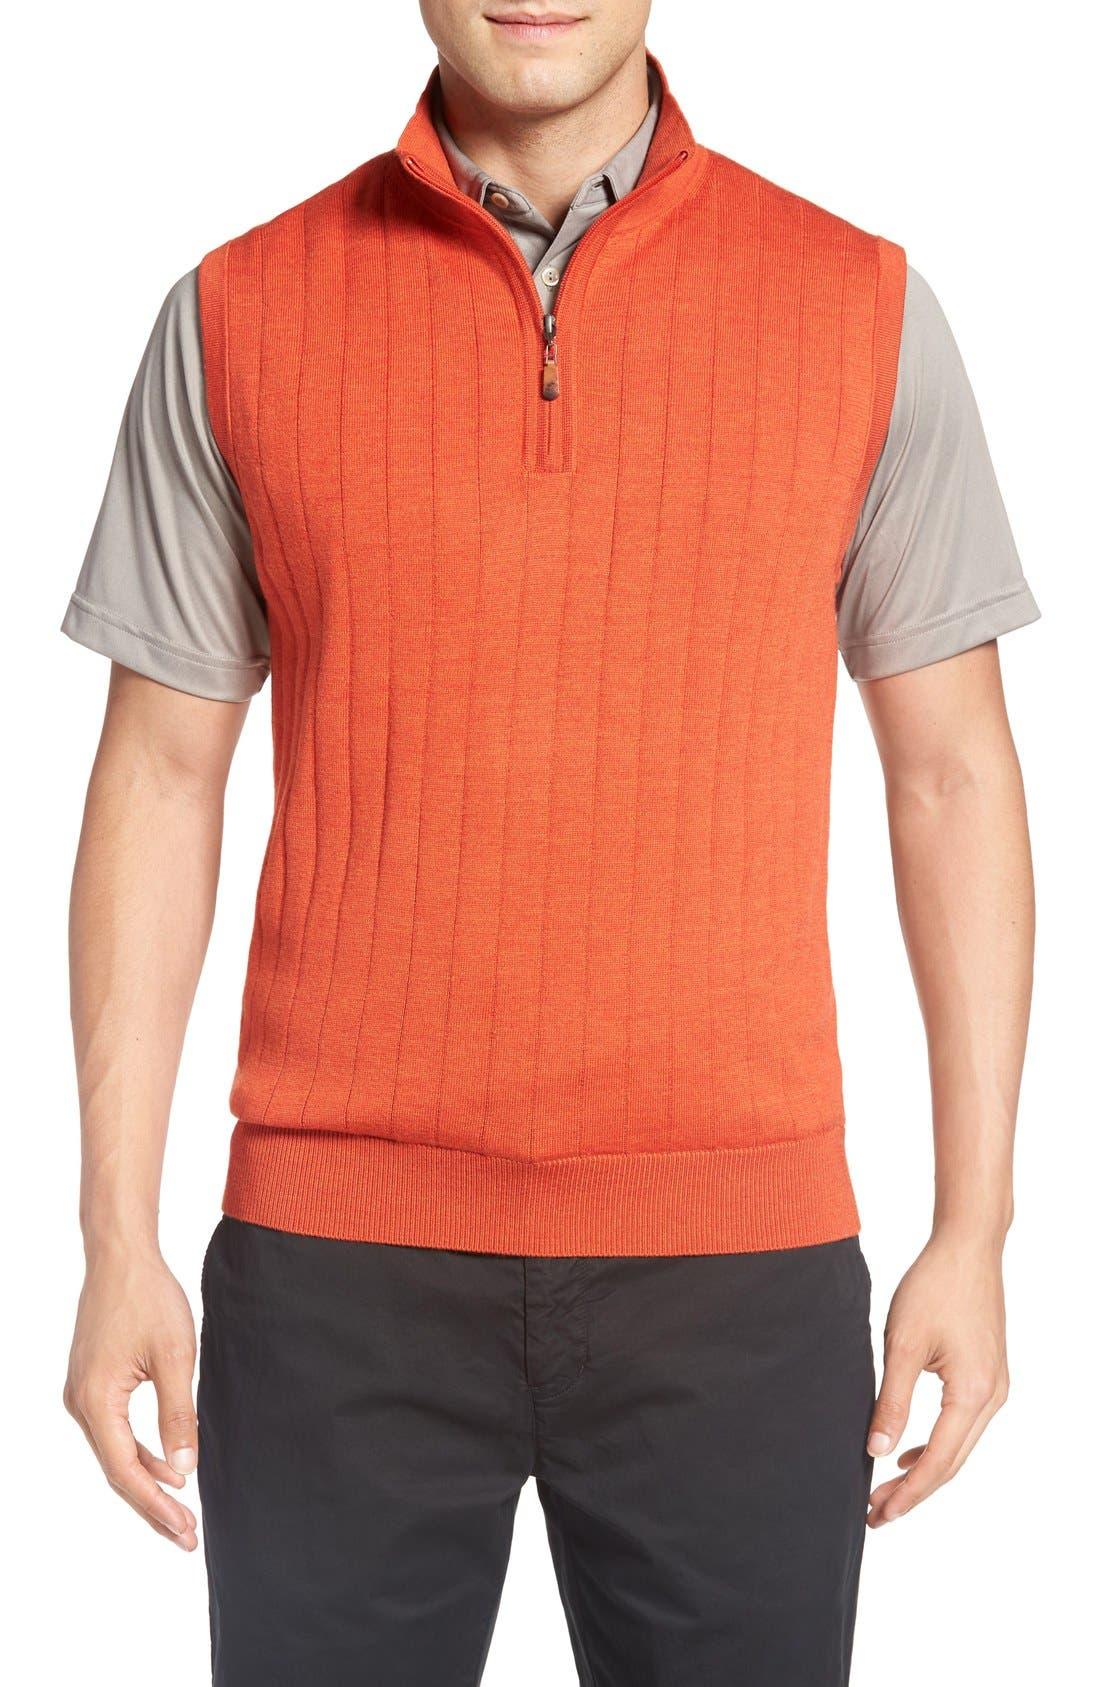 Men's Orange Sweaters | Nordstrom